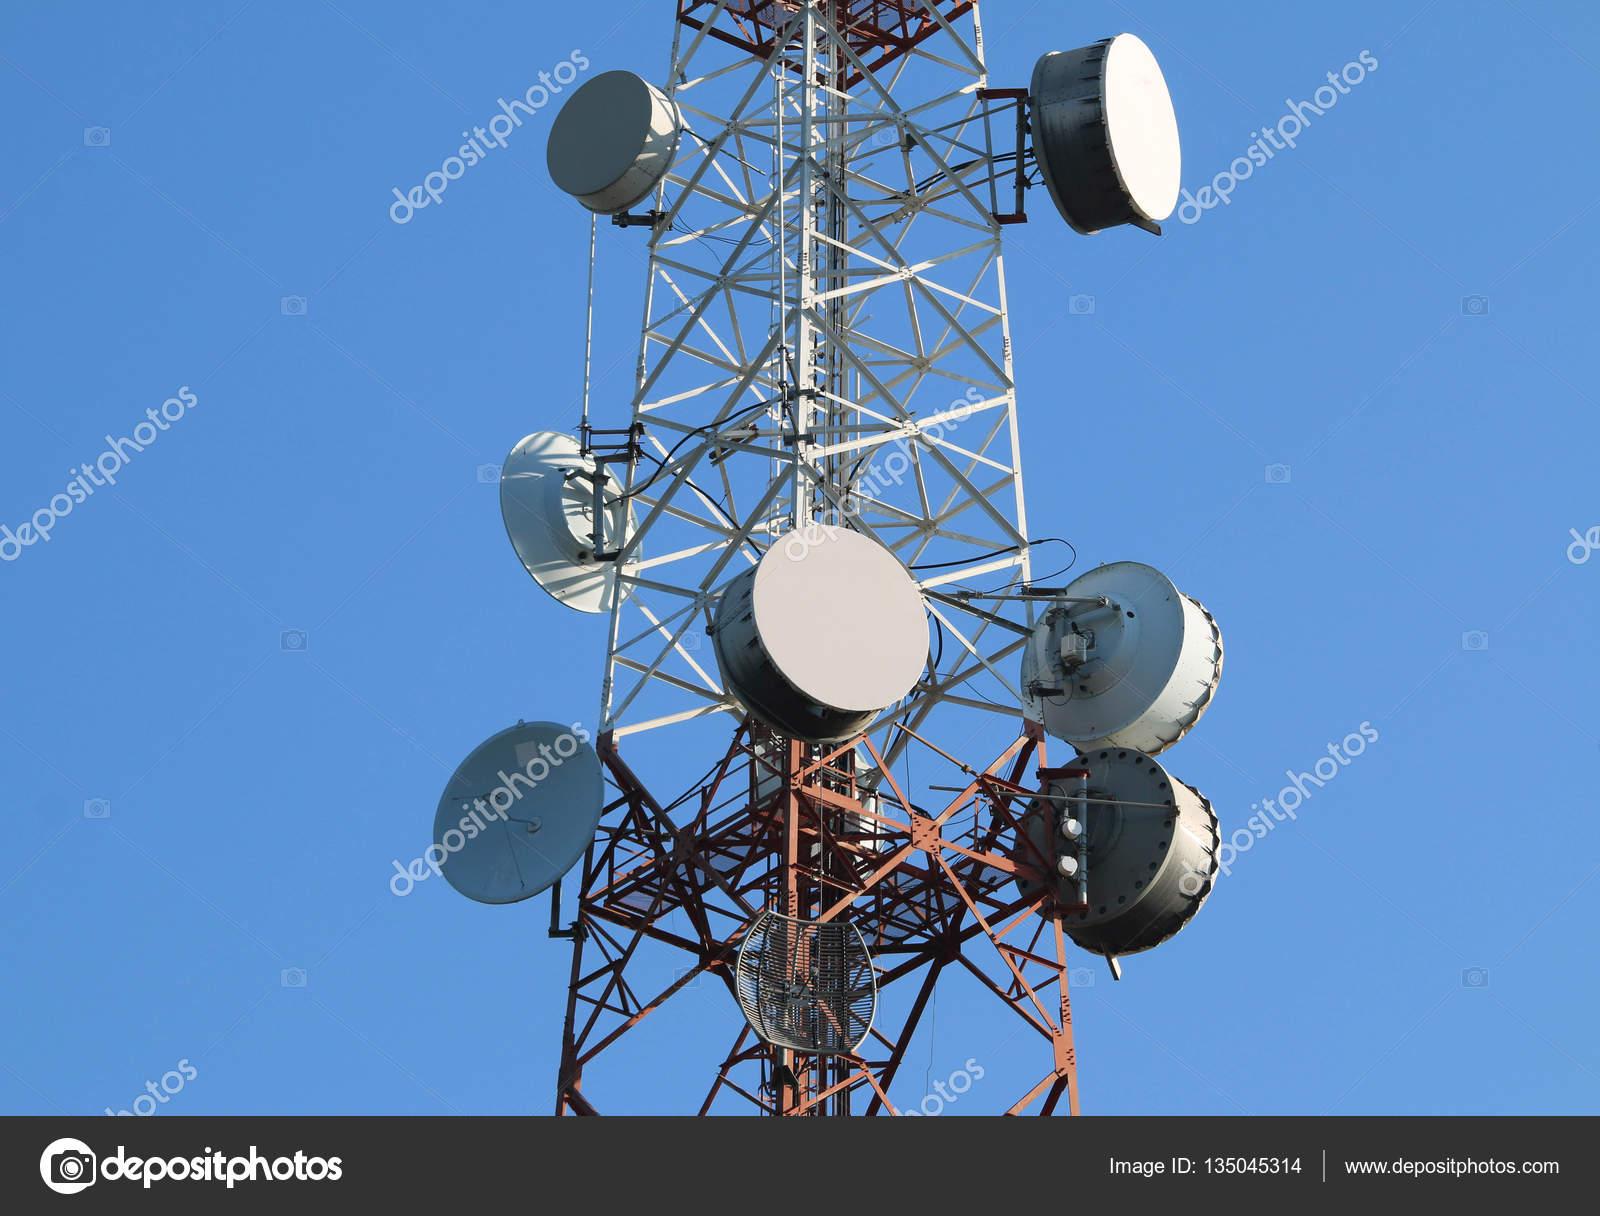 antenne parabolique sur pylône d'antenne de radio télécommunication